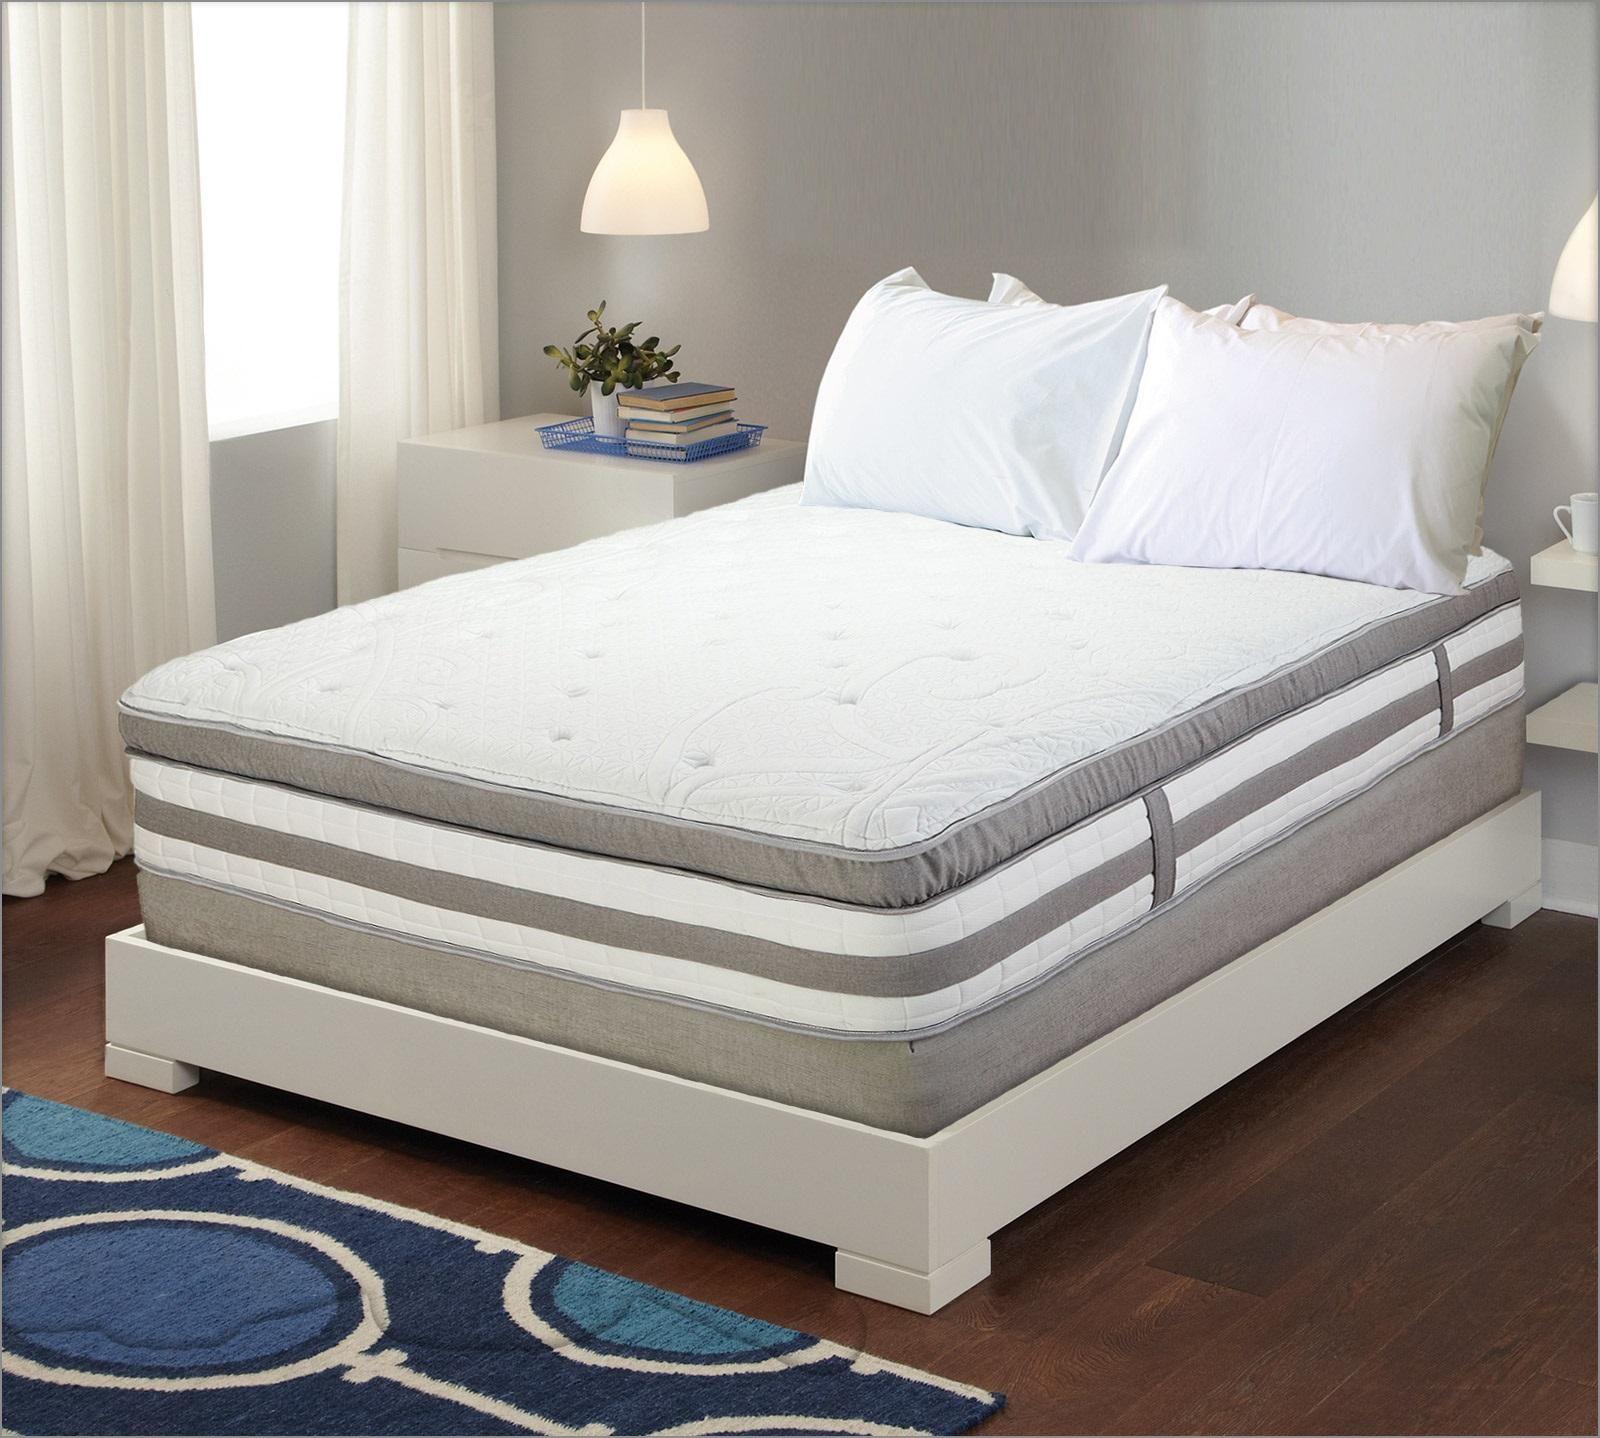 Pin by Ketty Corp on Mattress Mattress, Bed sheet sizes